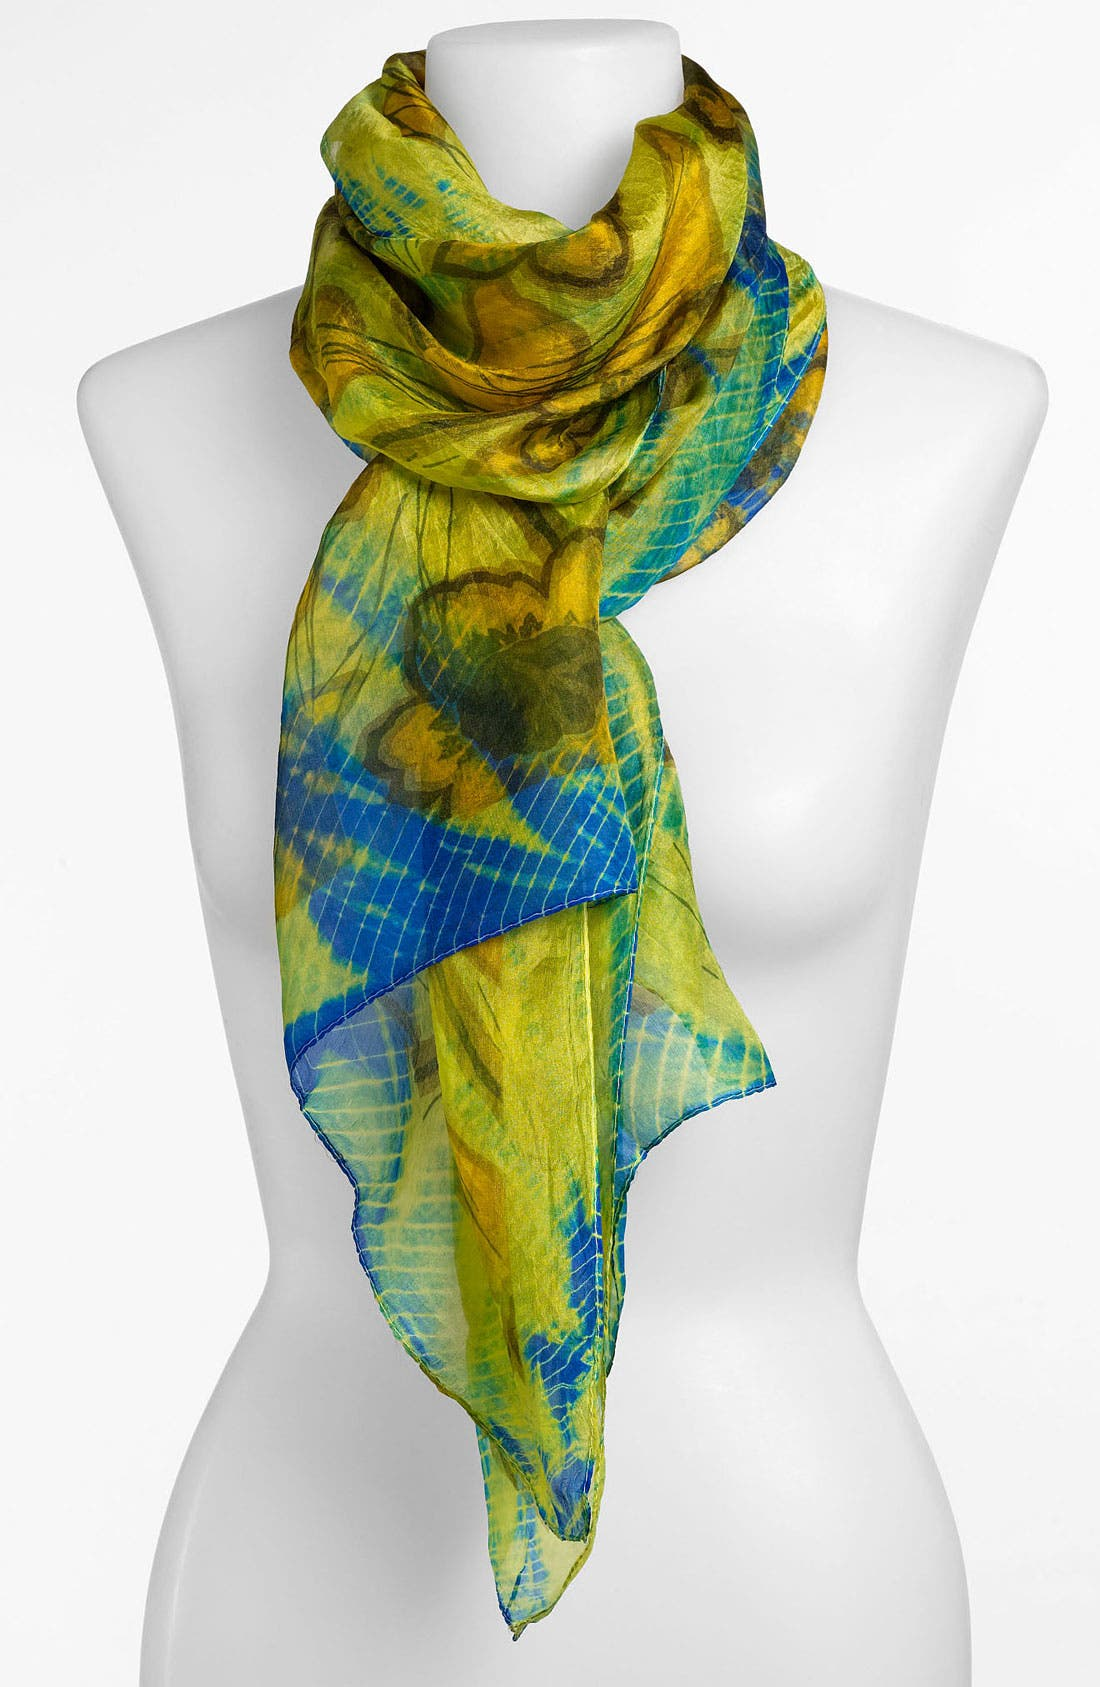 Alternate Image 1 Selected - Janie Besner Floral Tie Dye Silk Scarf